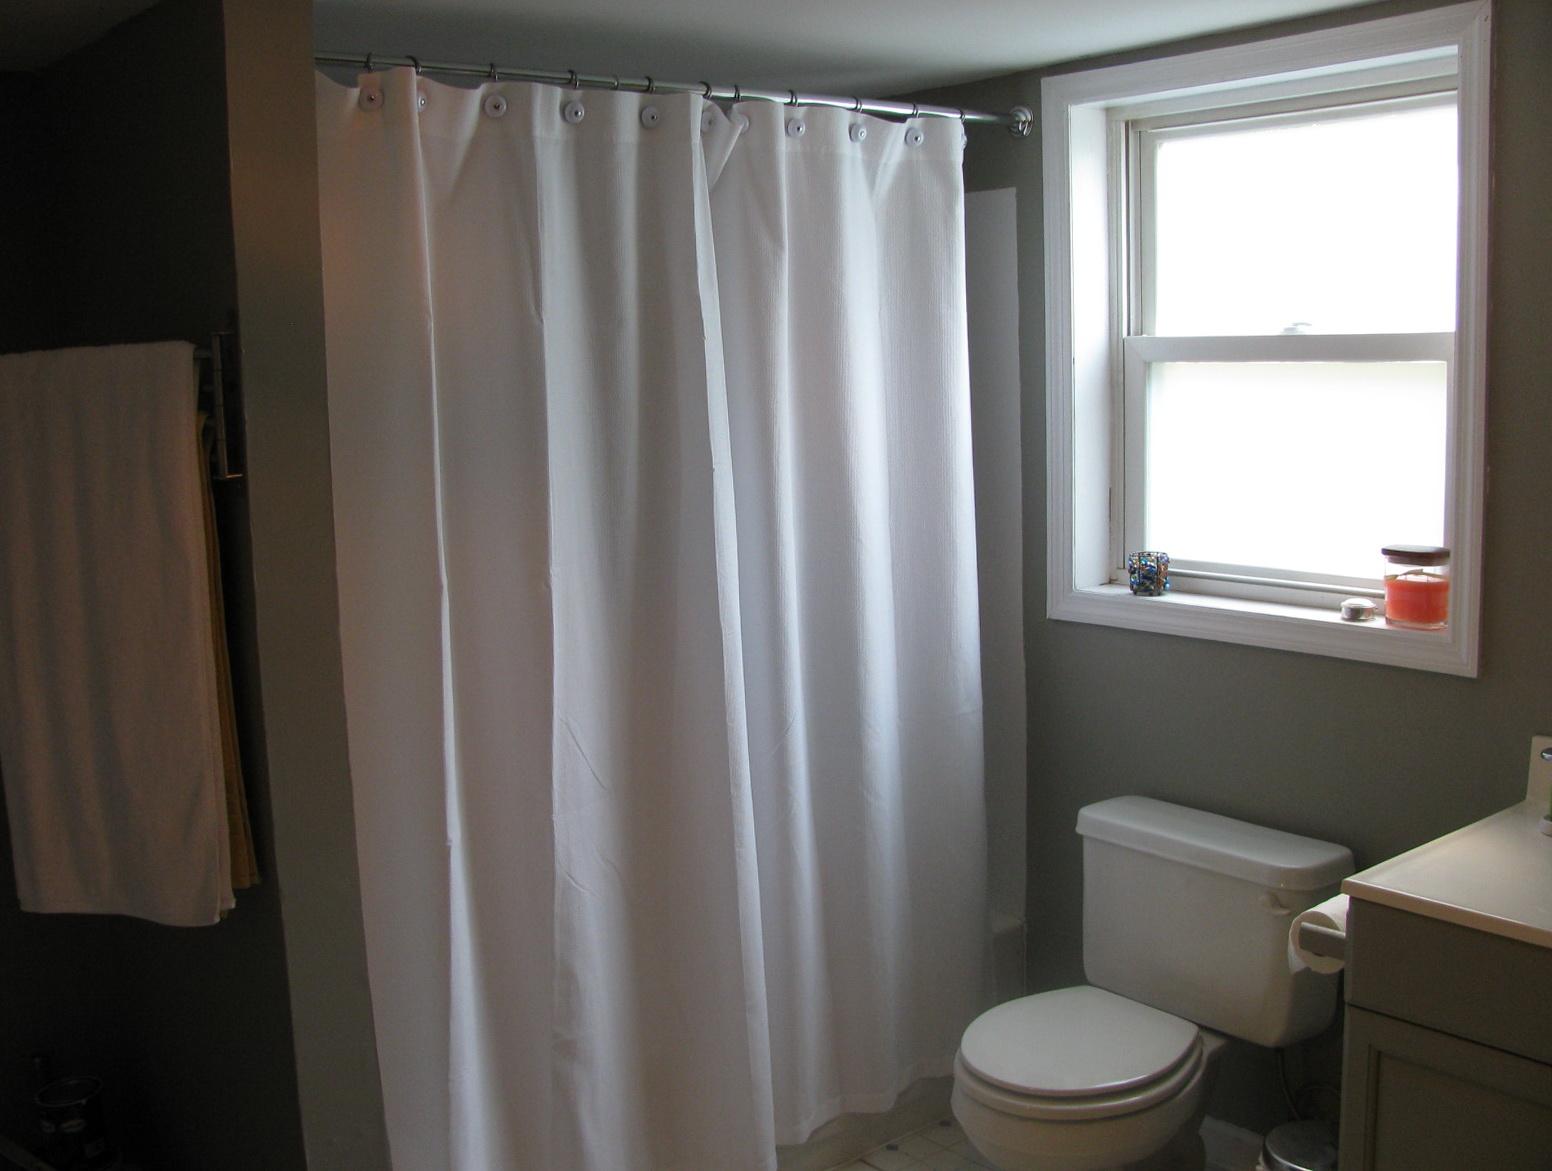 Pottery Barn Christmas Shower Curtain Home Design Ideas